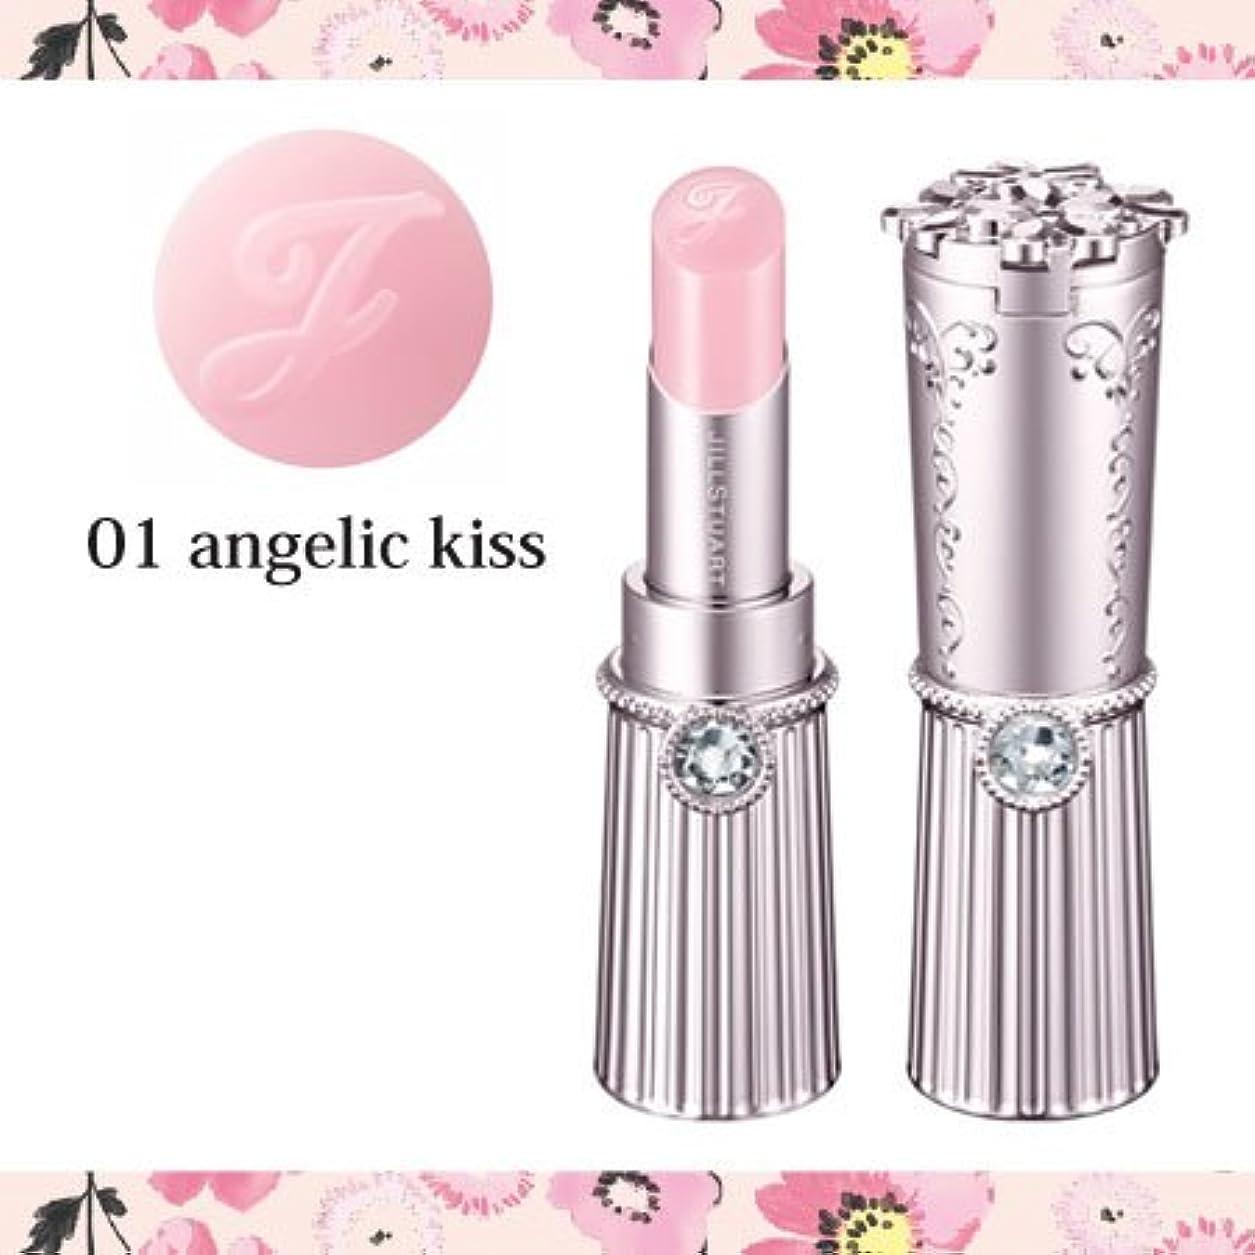 コミットいつか適切なジルスチュアート リップグロウ バーム #01 angelic kiss -JILLSTUART-